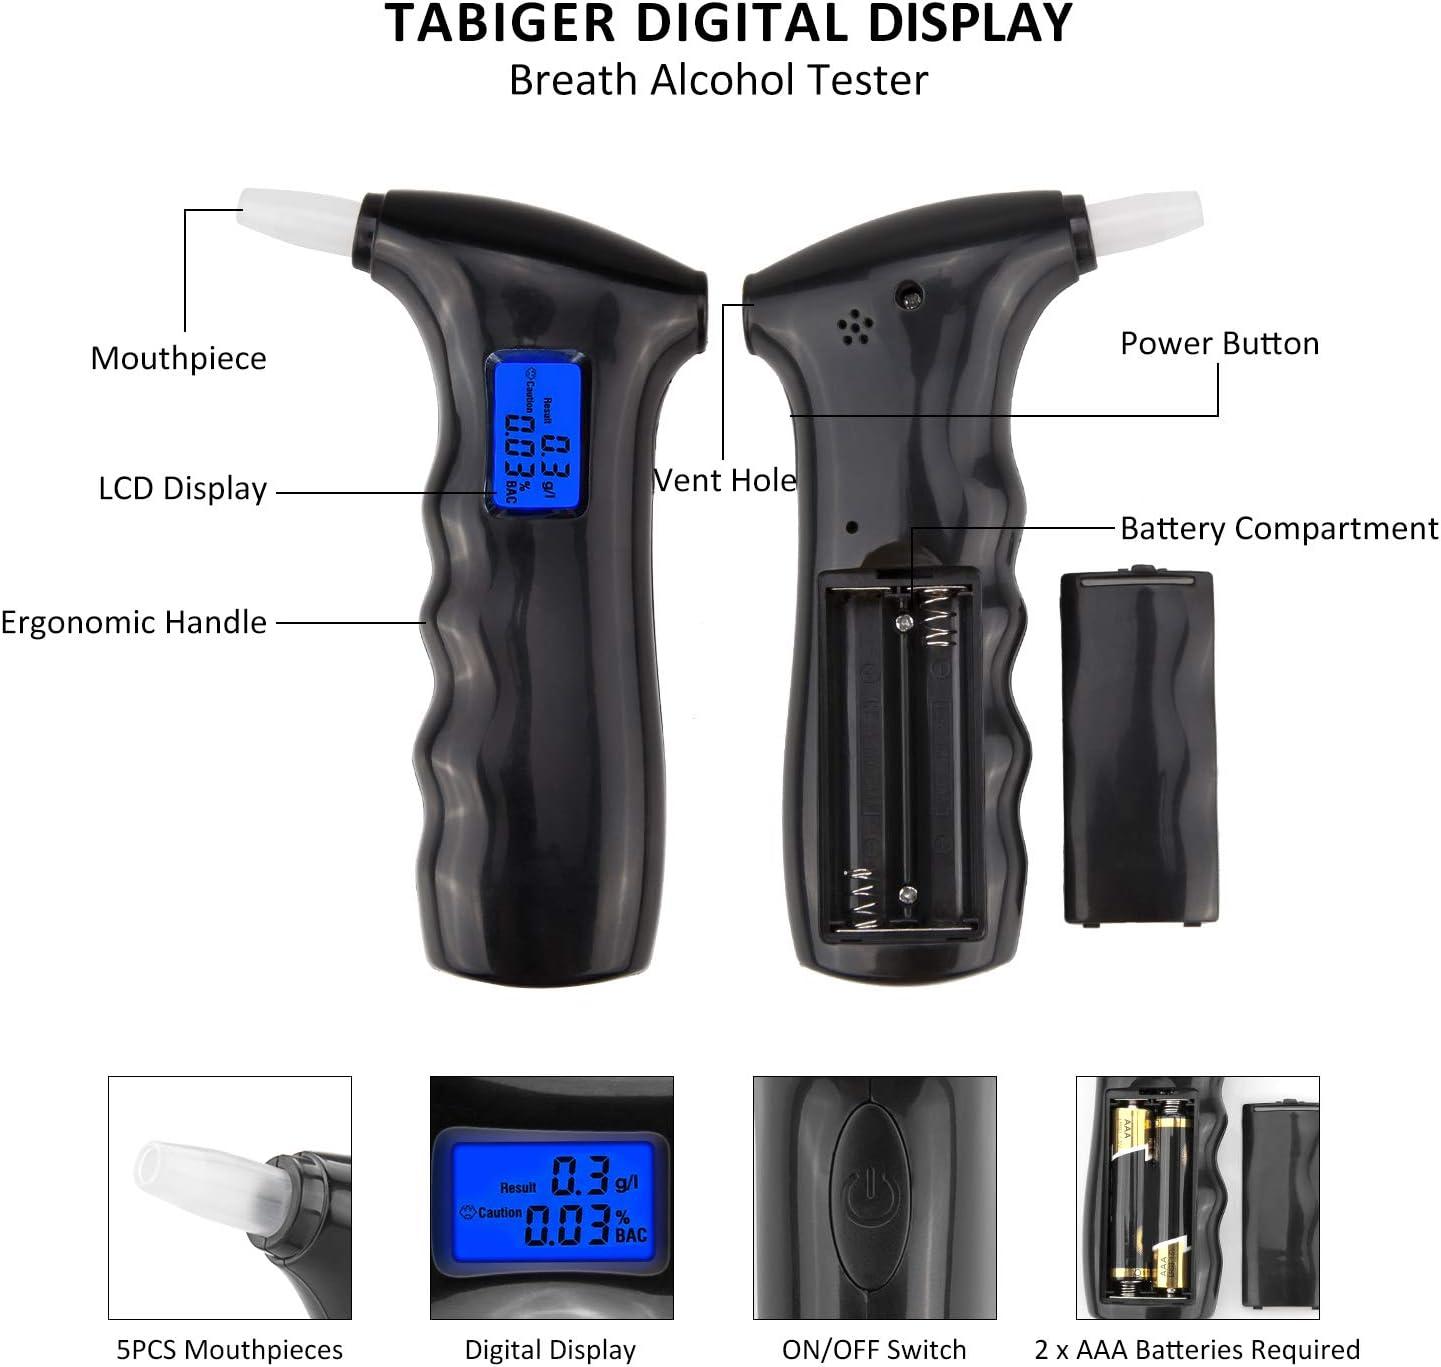 TABIGER Breathalyzer Portable Breath Alcohol Tester Digitale con Display LCD Alcol rivelatore analizzatore di precisione con 5PCS bocchini 2019/Versione aggiornata